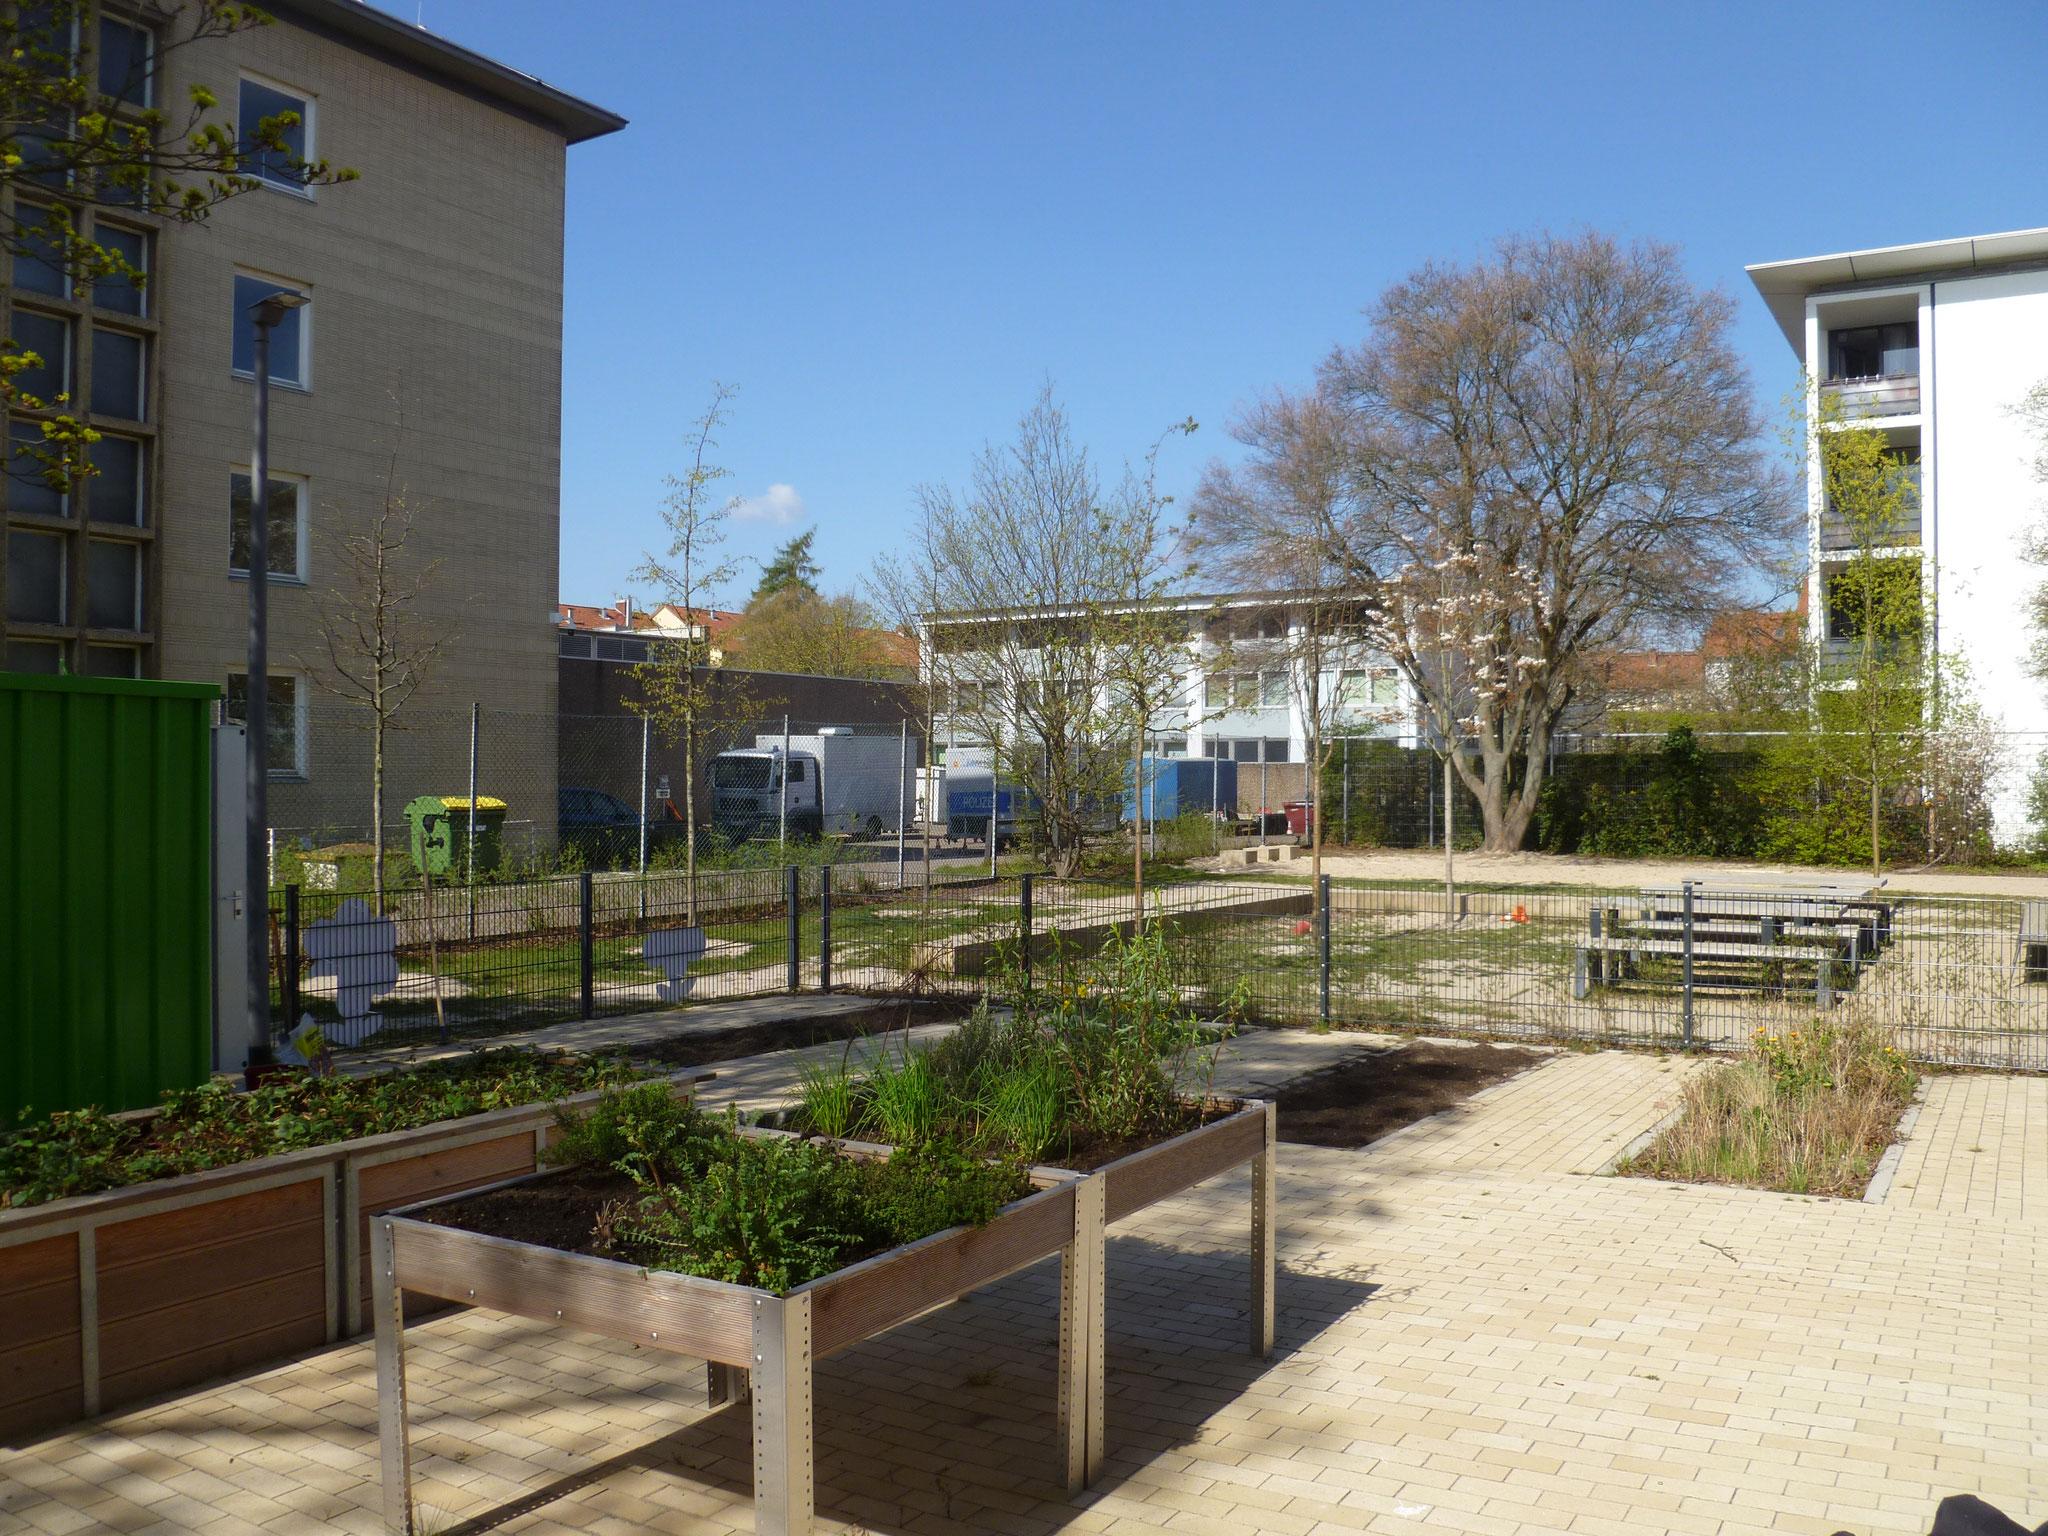 Einen kleinen Schulgarten gibt es auch.